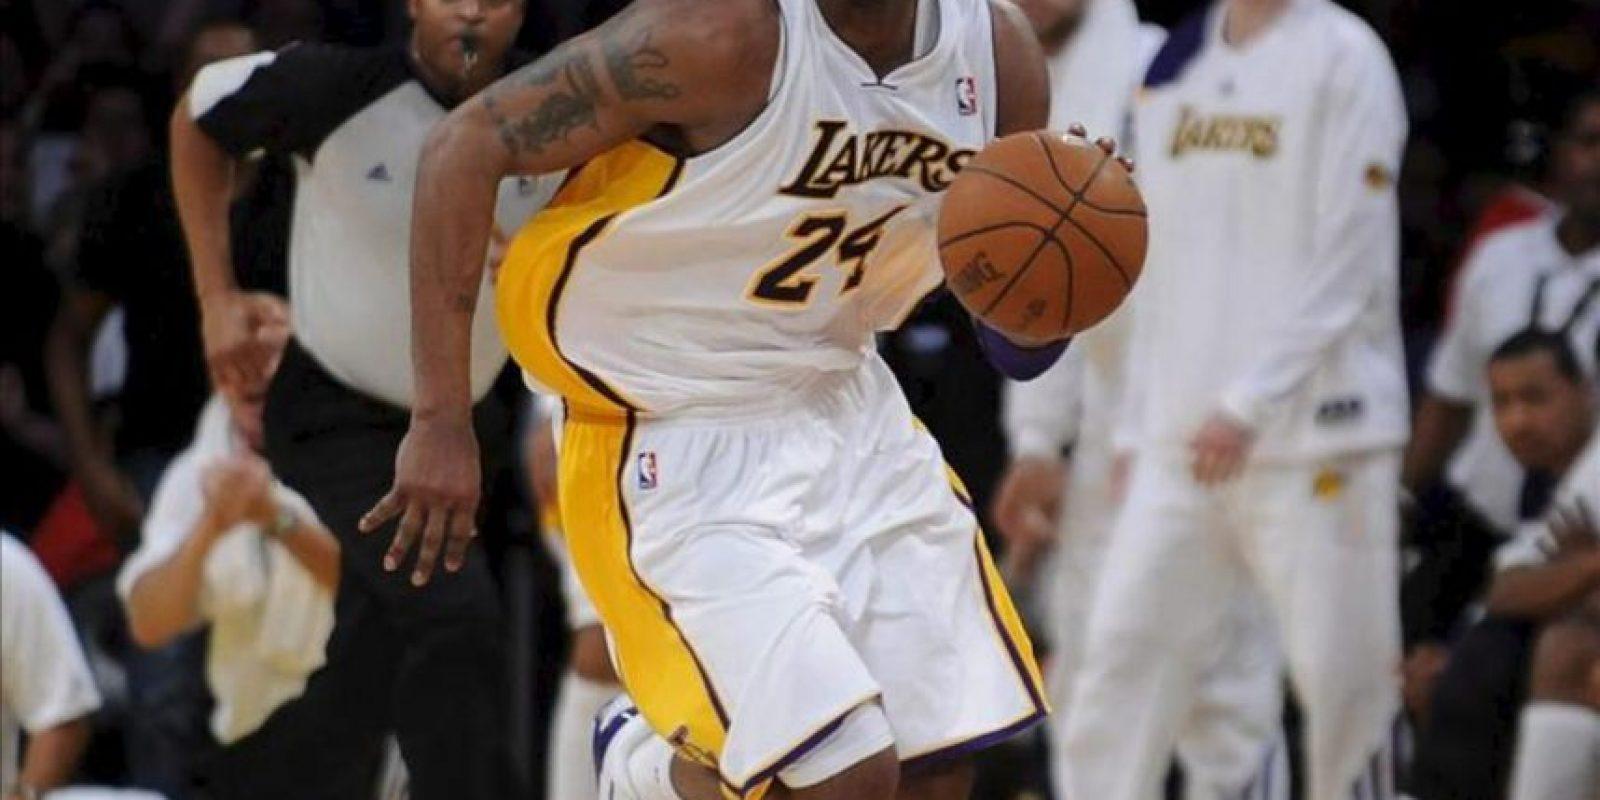 El jugador de los Lakers Kobe Bryant en acción ante los Thunder durante el juego de la NBA en el Staples Center de Los Angeles. EFE